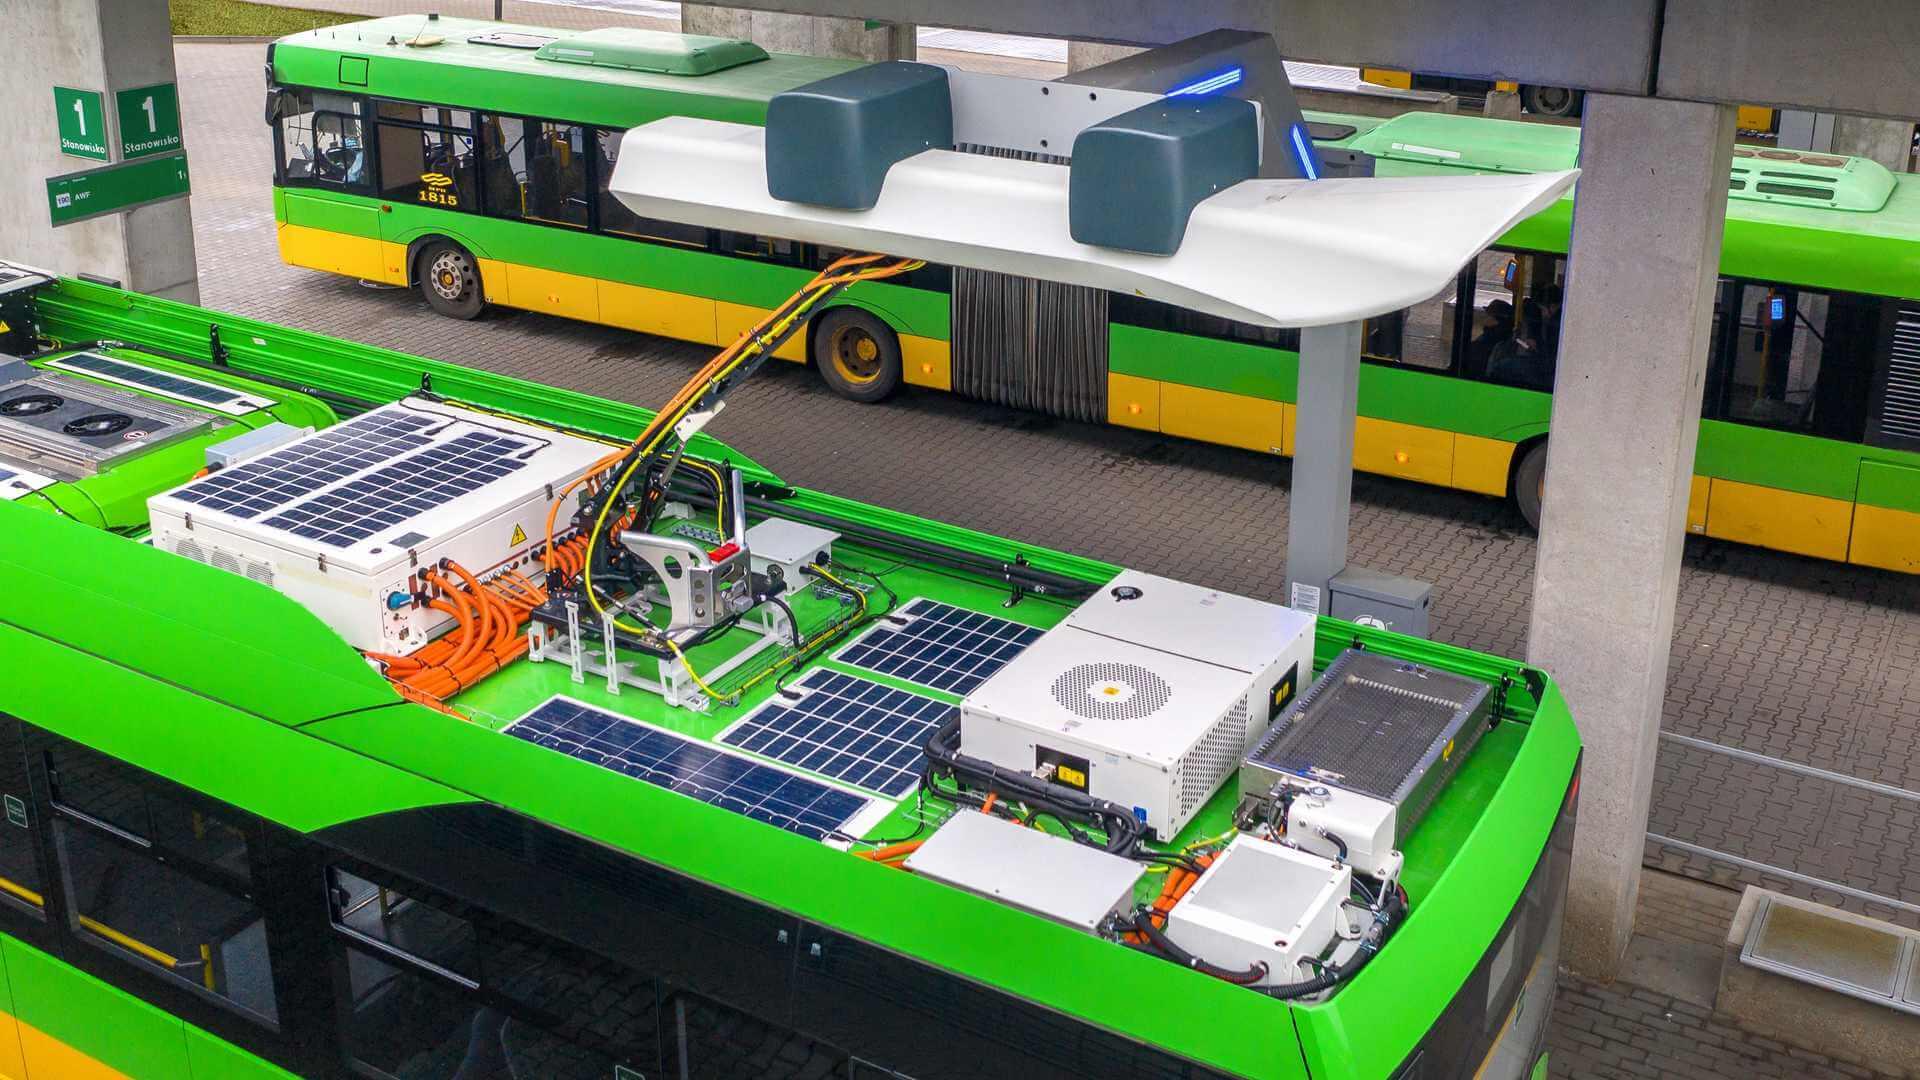 Пантограф для быстрой зарядки электрических автобусов Solaris